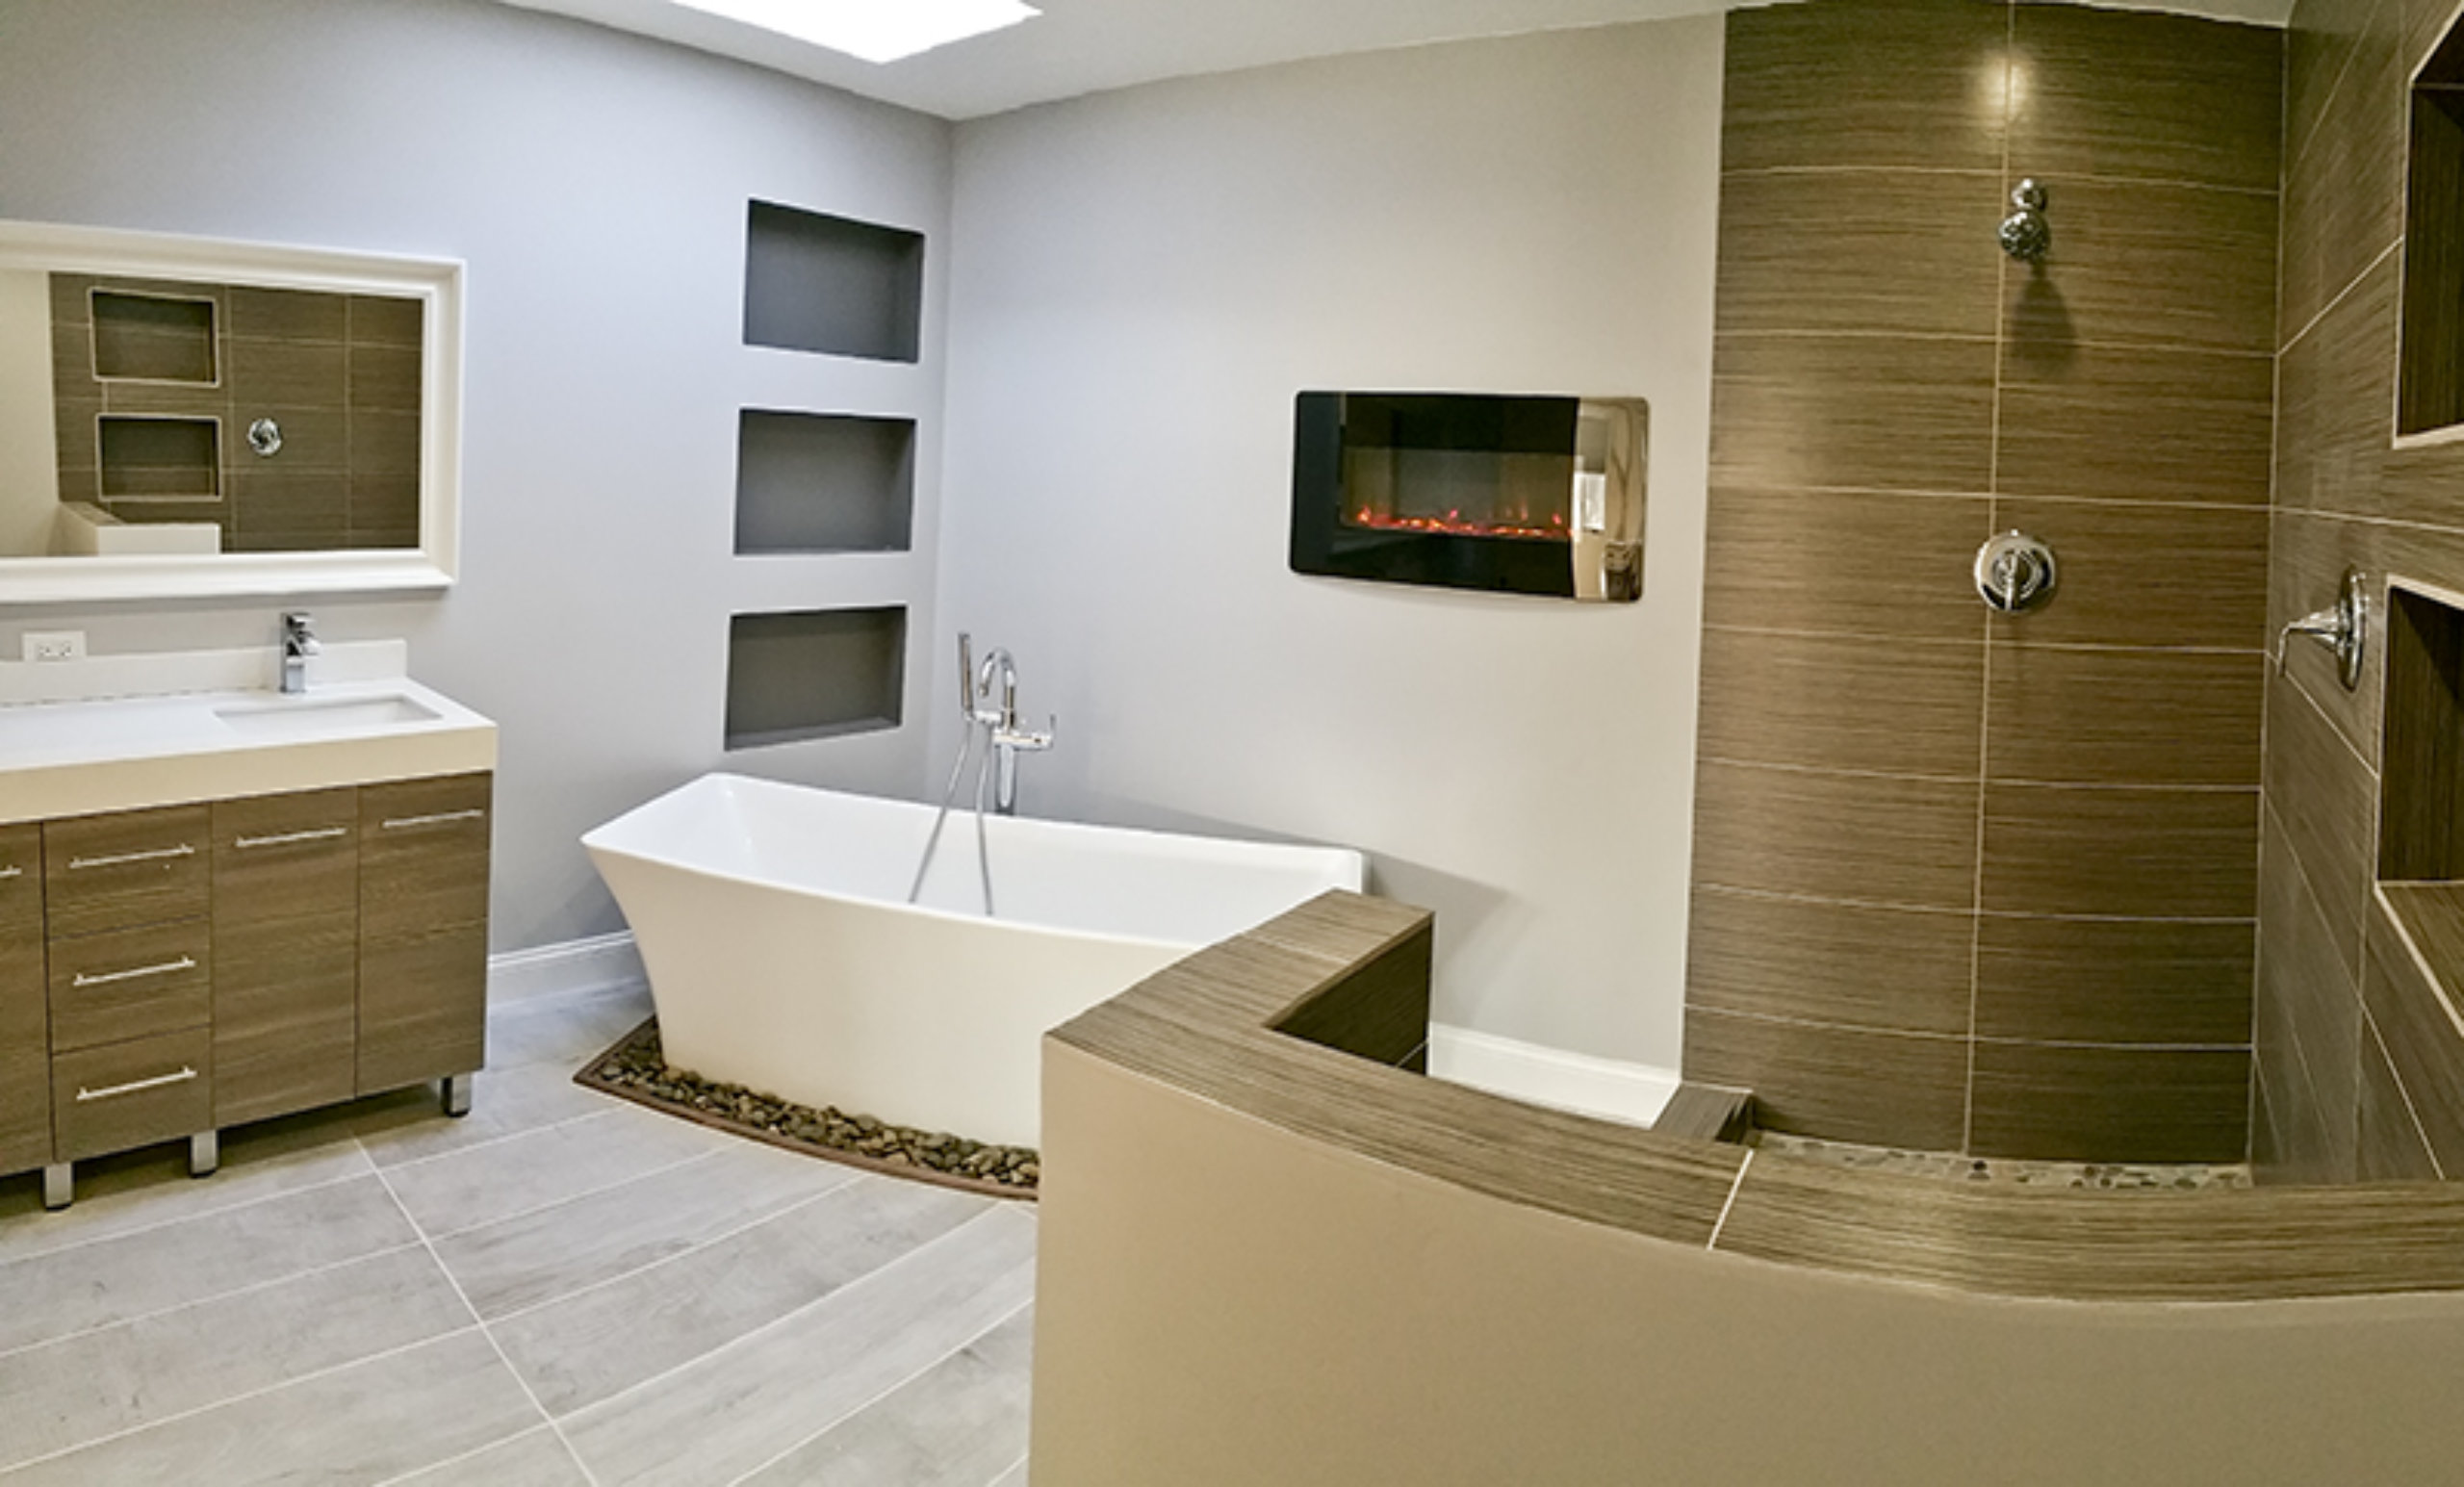 Skokie IL Bathroom Remodel